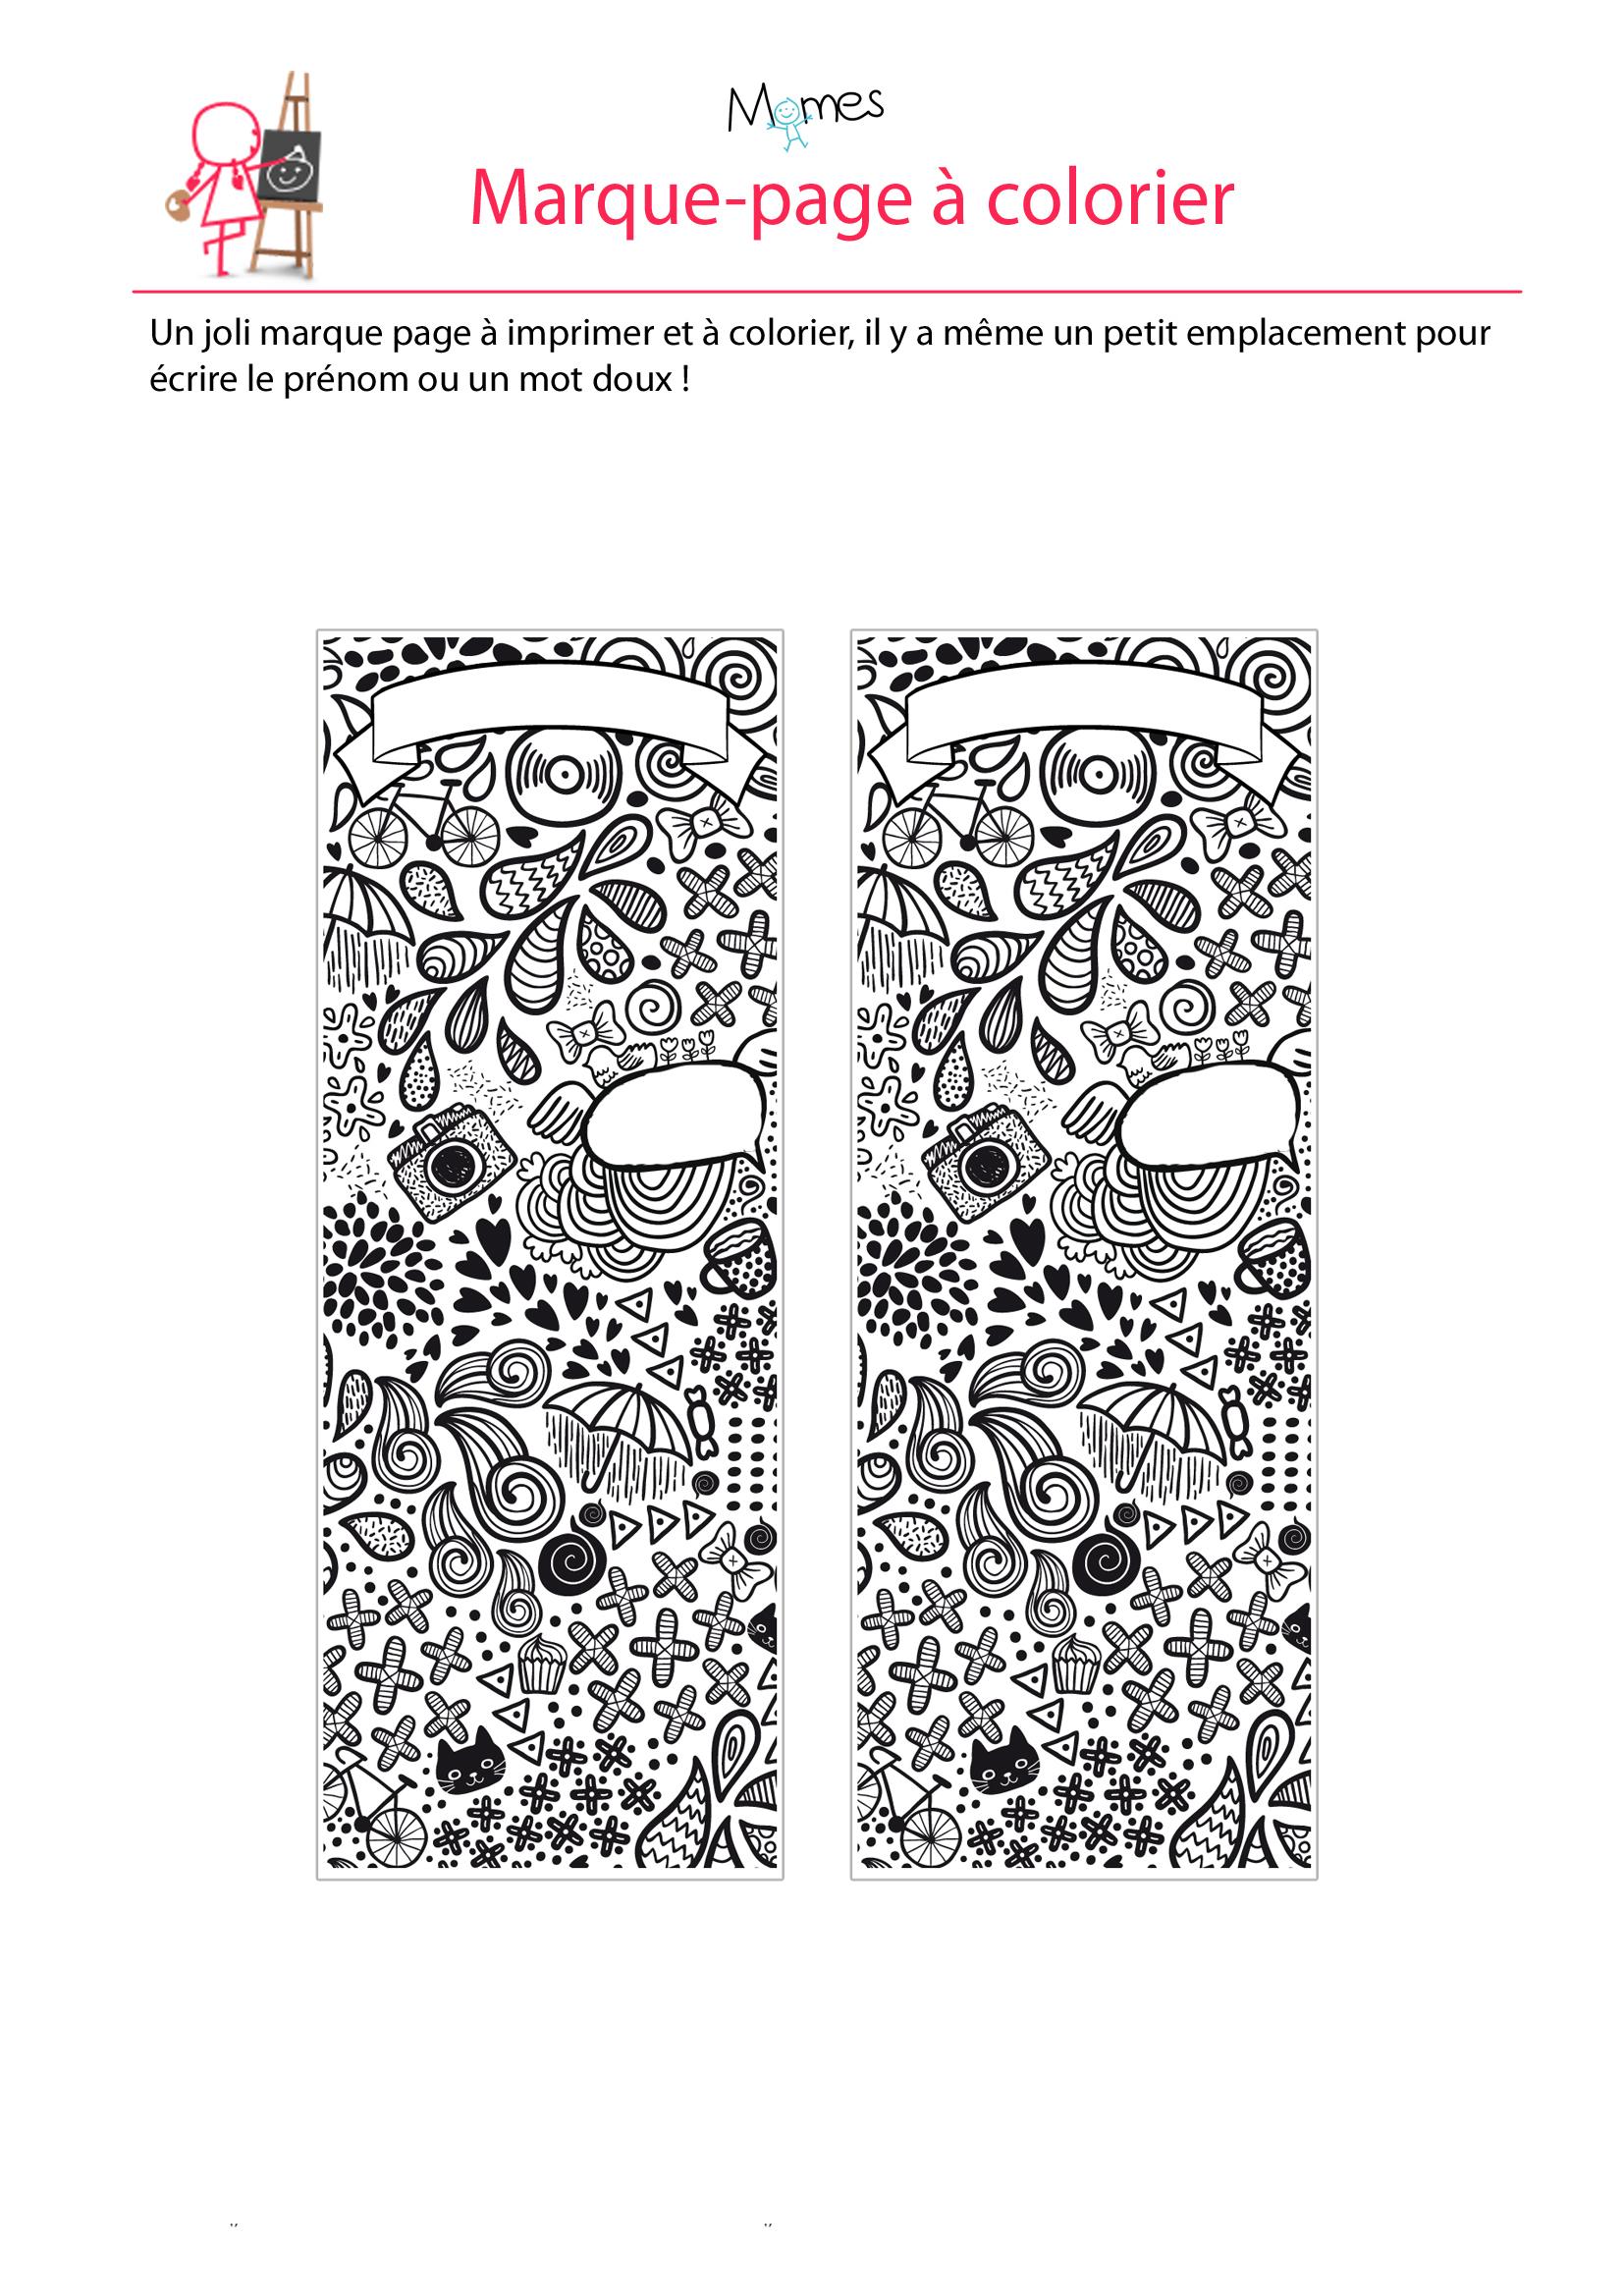 Marque-Page Pour La Fête Des Mères 1 - Momes intérieur Marque Page À Imprimer